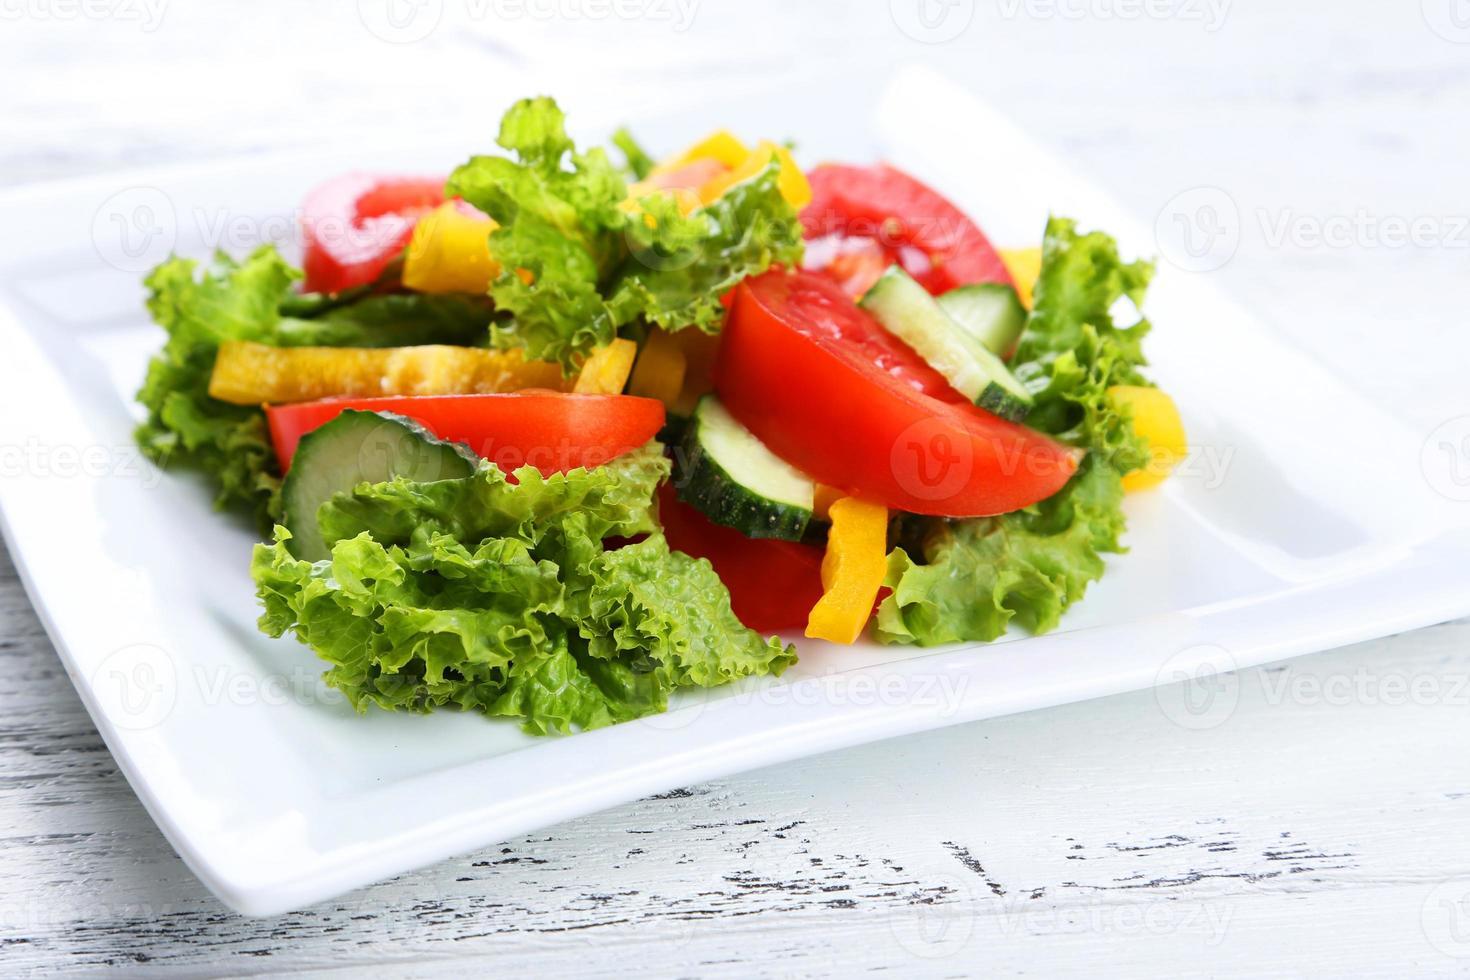 färsk grönsakssallad på vit träbakgrund foto